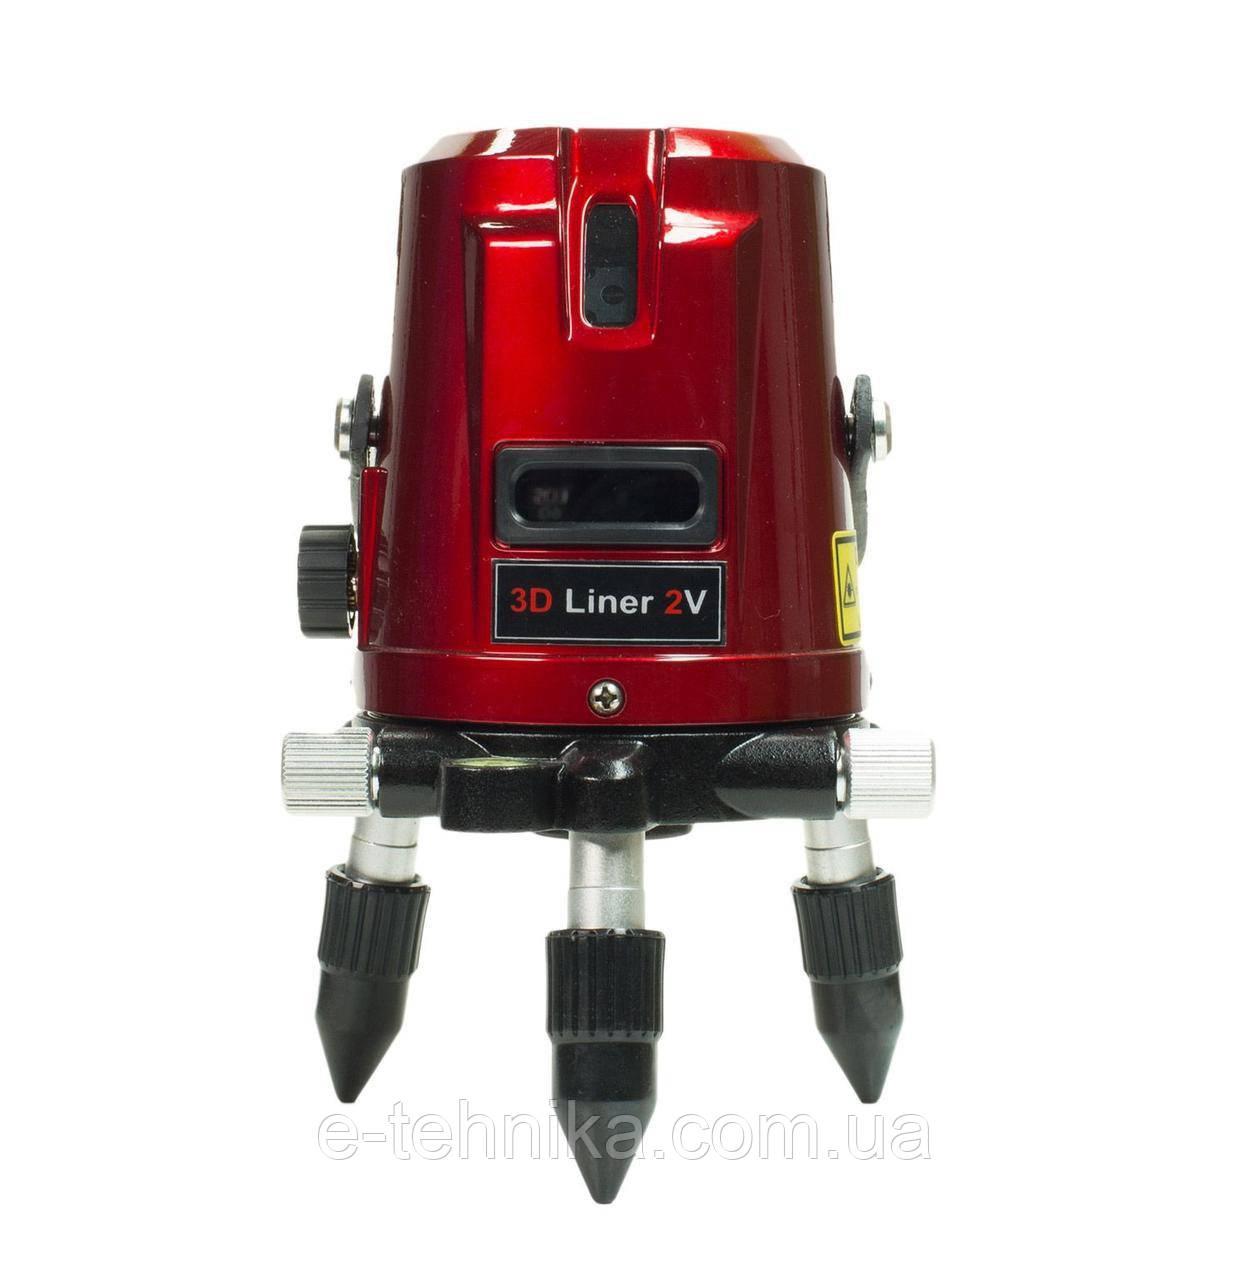 Нивелир лазерный линейный ADA 3D Liner 4V A00133